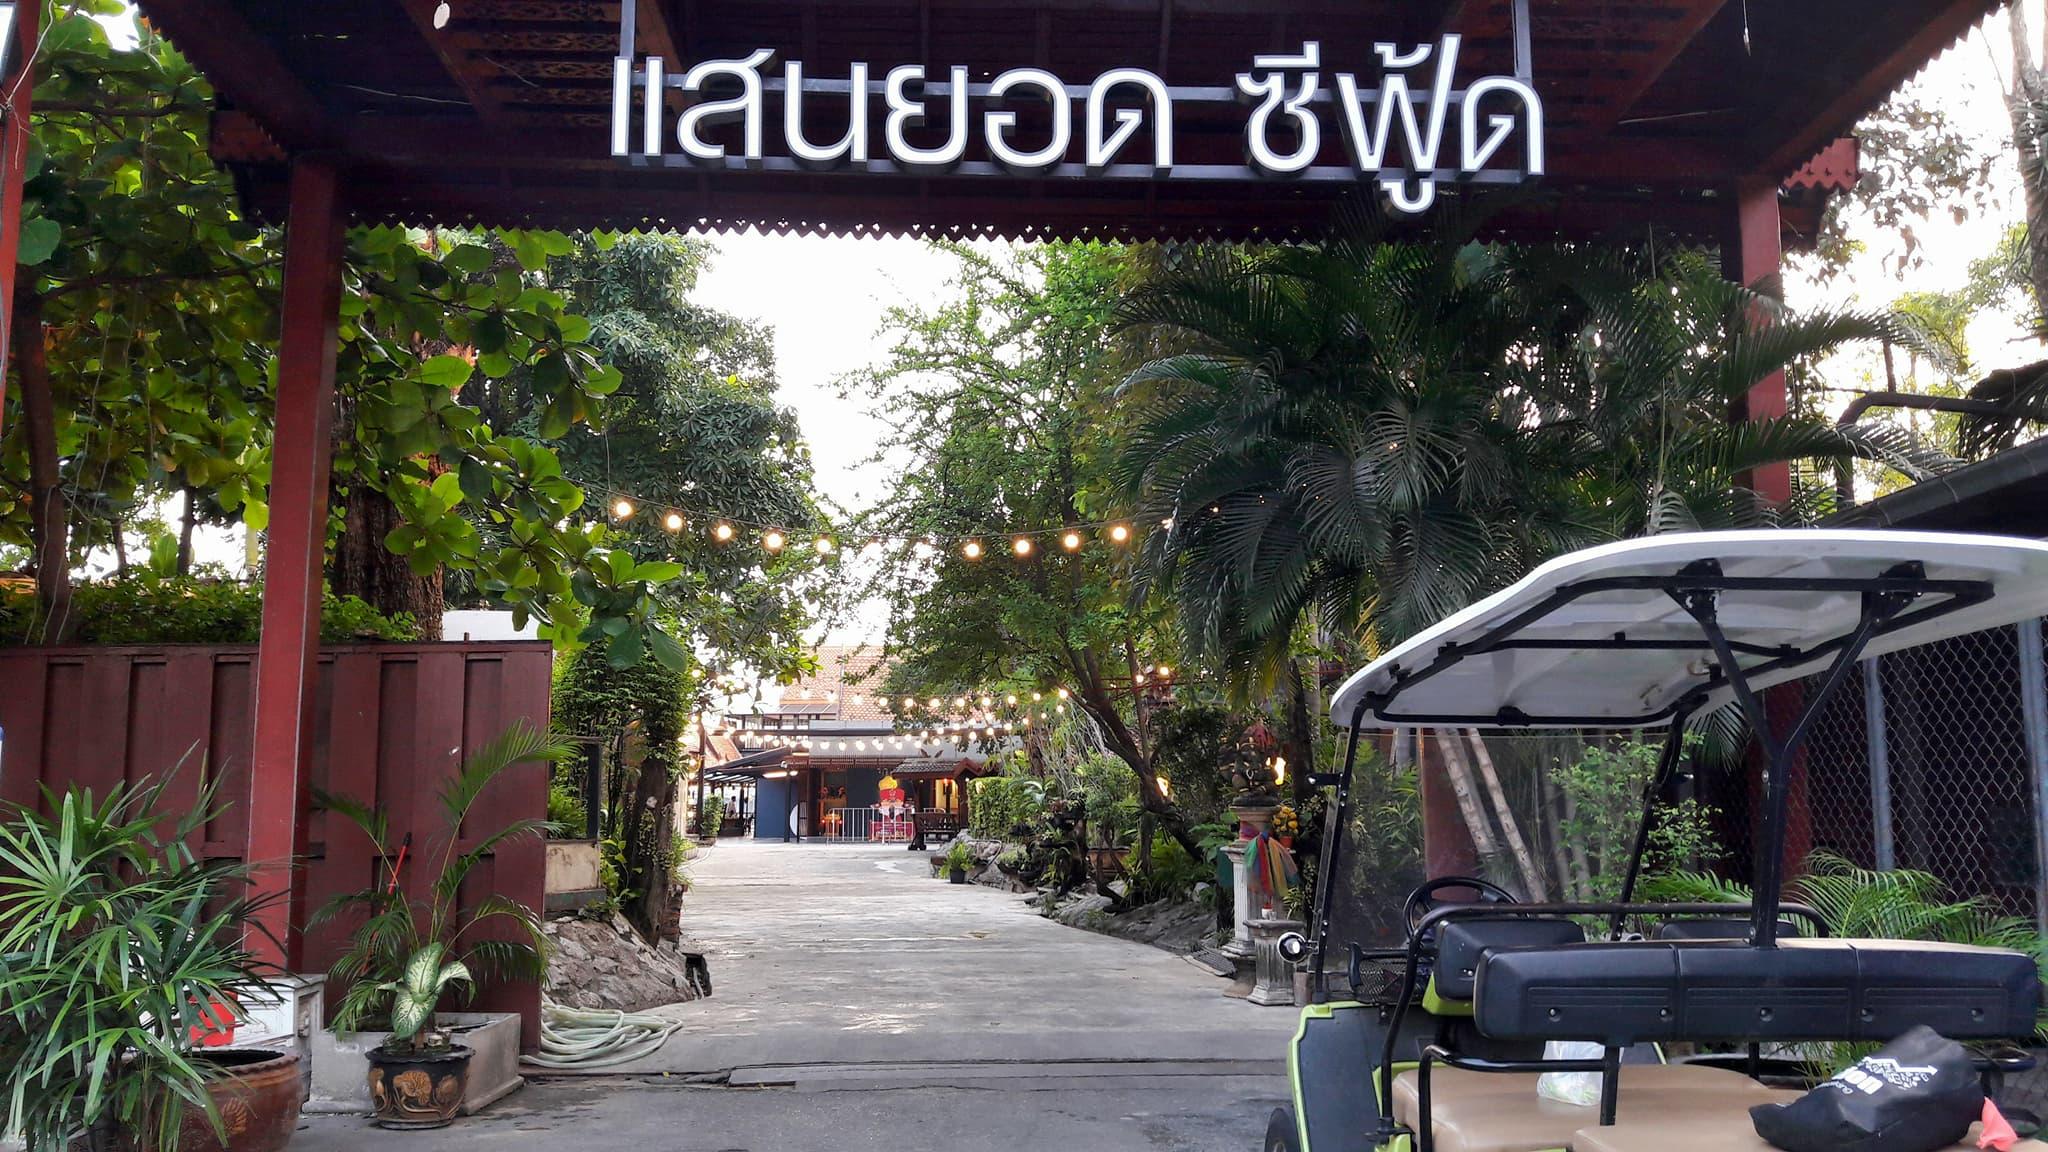 ร้านริมน้ำ ร้านอาหารริมแม่น้ำเจ้าพระยา ราคาถูก ร้านอาหารริมน้ำ กทม ร้านอาหารริมแม่น้ำ พระราม 3 ร้านอาหารตรงข้ามวัดอรุณ ร้านอาหารวิววัดอรุณ ร้านอาหารวัดอรุณ ร้านอาหารติดแม่น้ำ ร้านอาหารบรรยากาศดี พระราม 3 ร้านริมแม่น้ำเจ้าพระยา ร้านอาหารไทยริมน้ำ